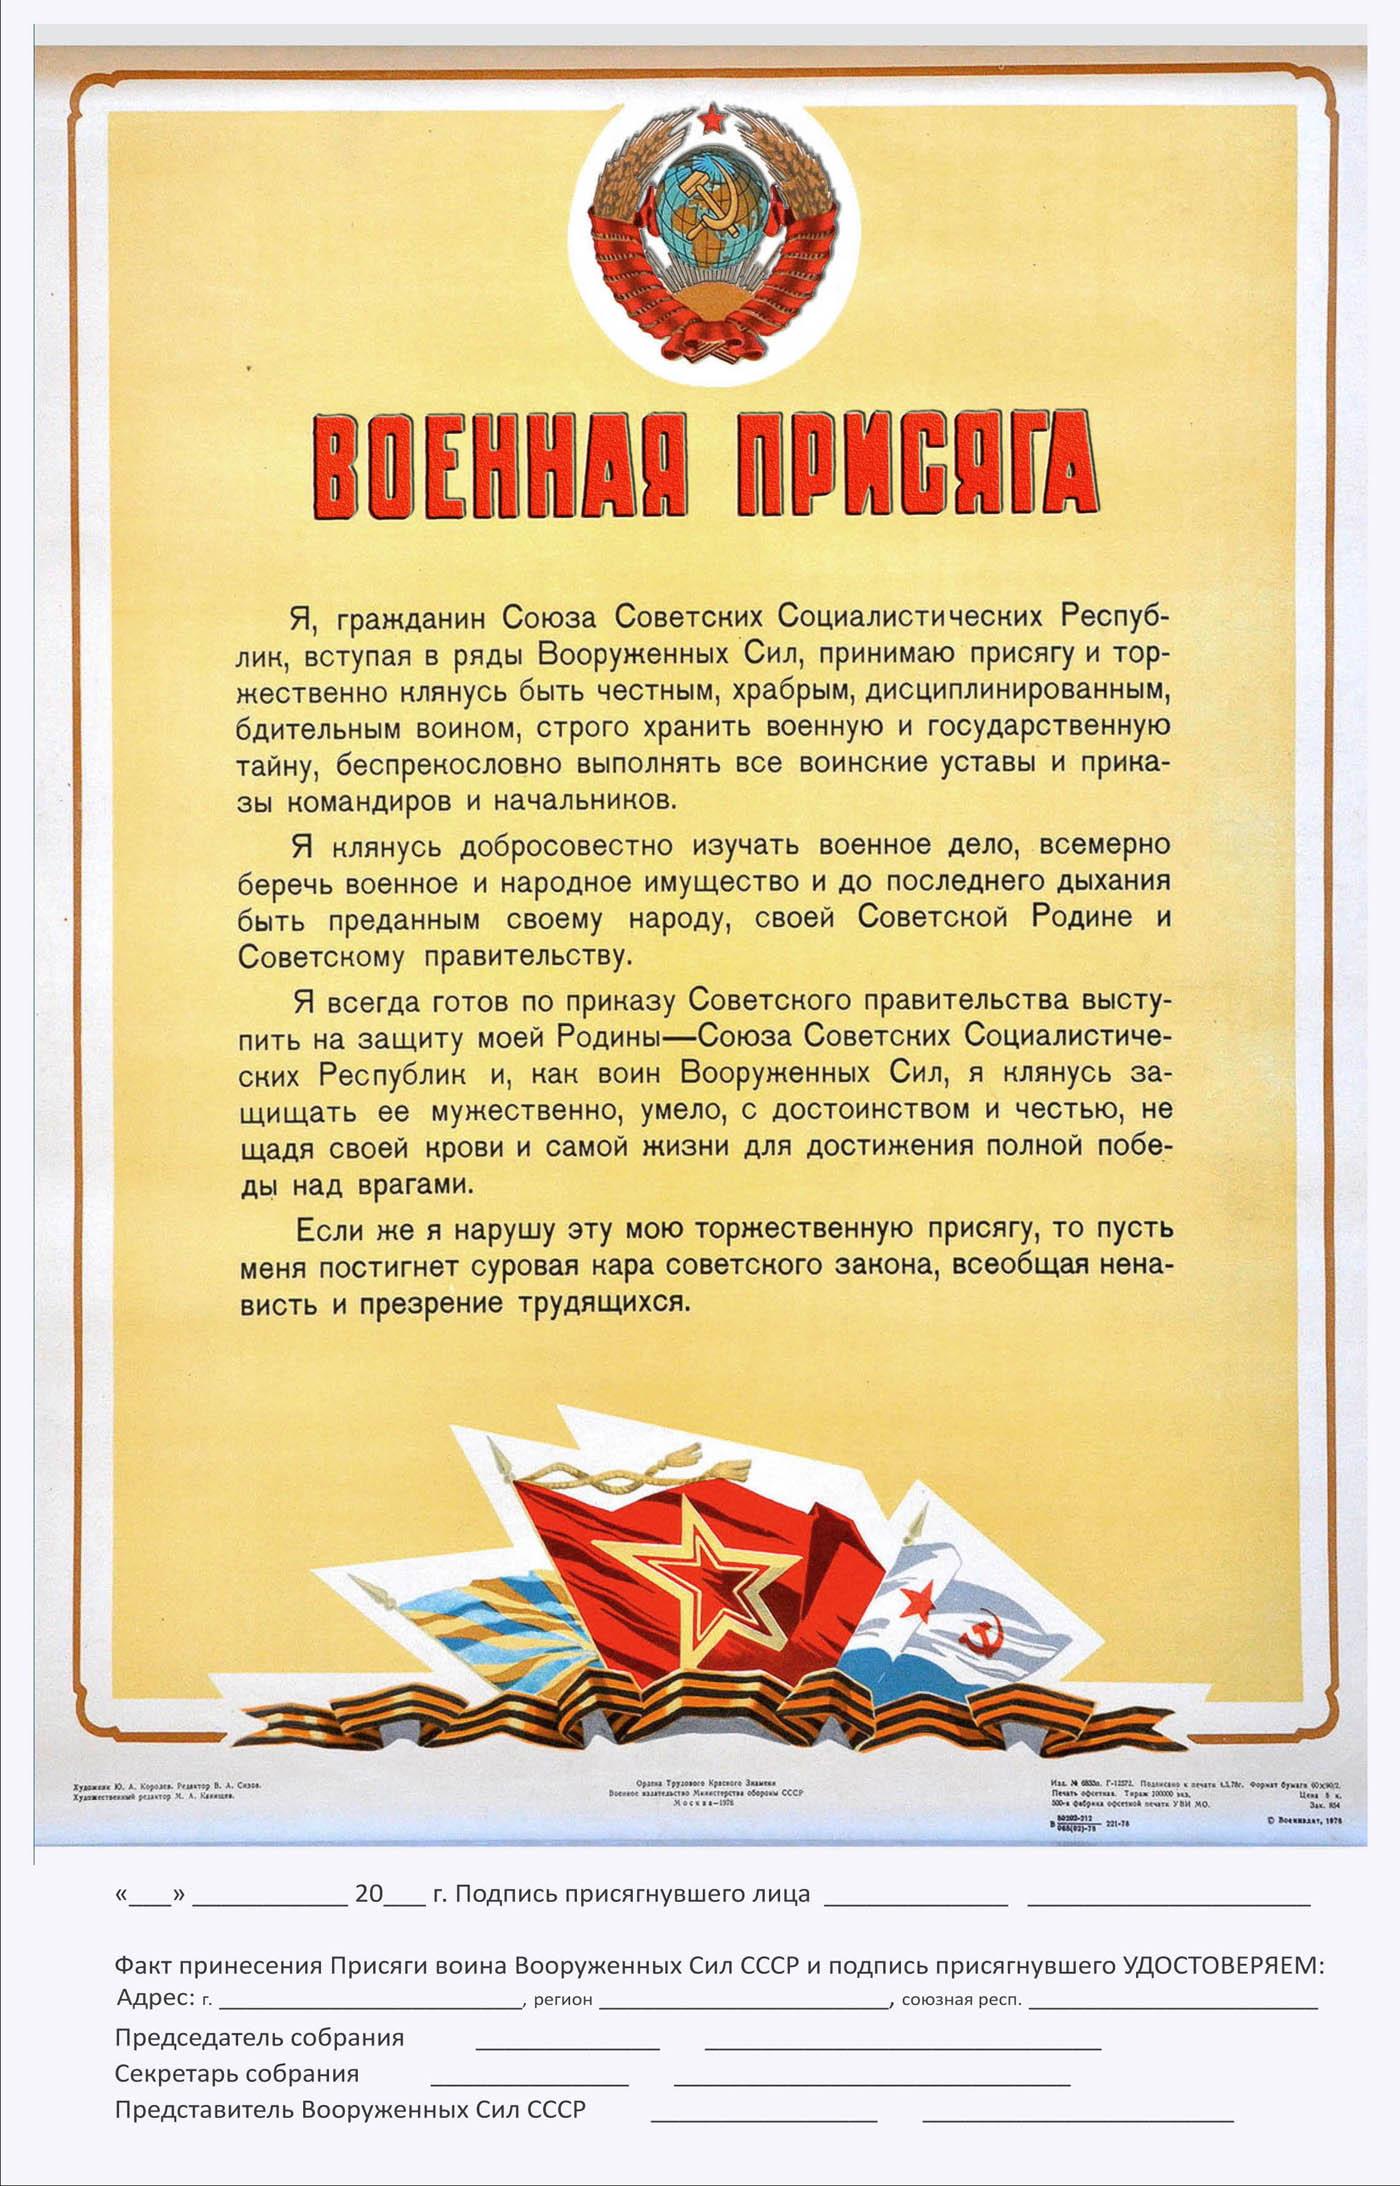 http://voinr.ru/voinr-ru/wp-content/uploads/2019/05/prisjgaSA1400.jpg